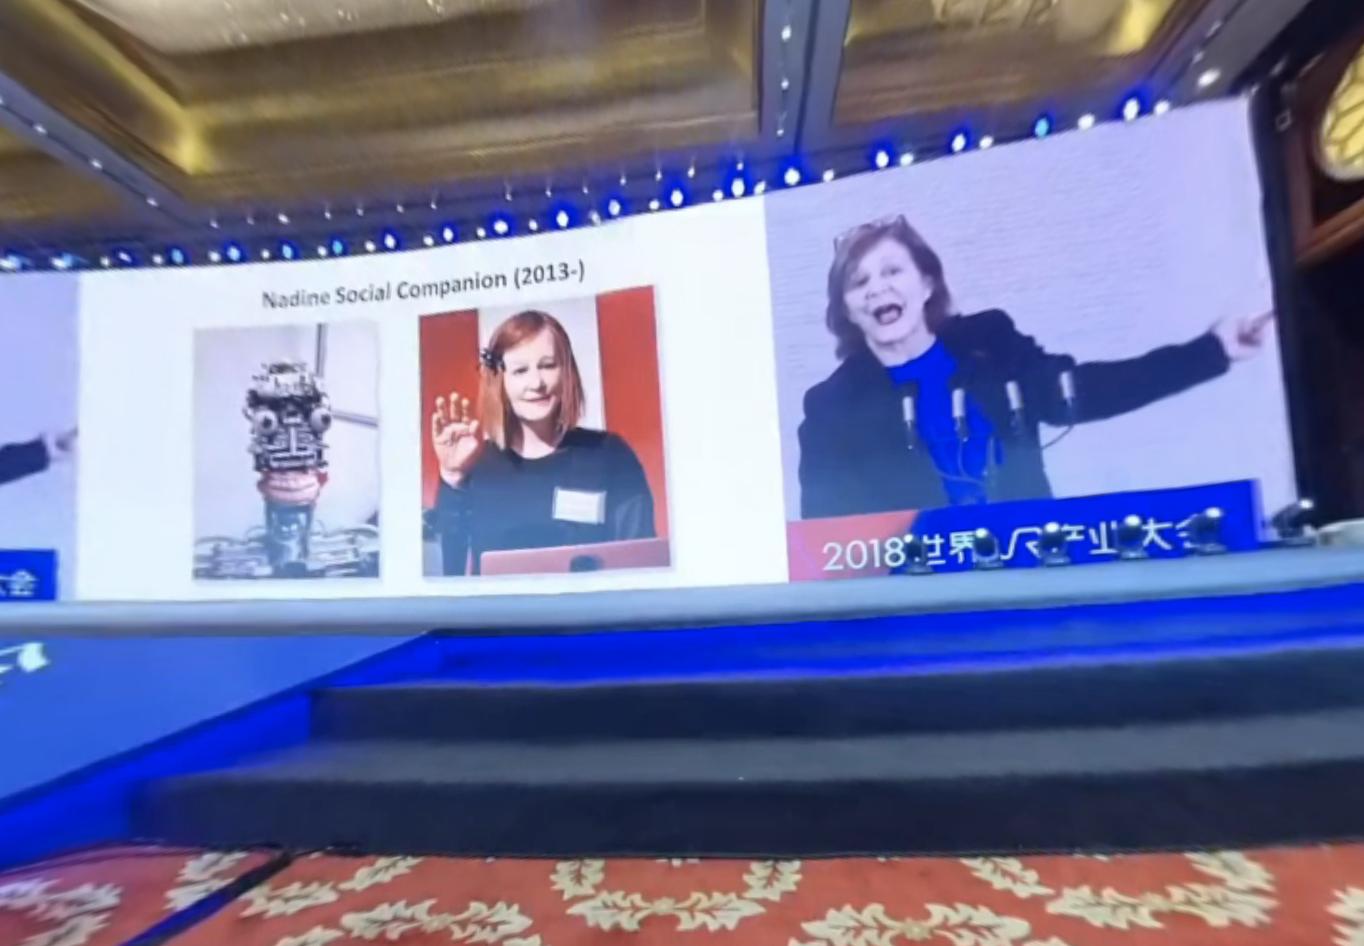 日内瓦大学教授Nadia Thalmann,VR产业大会介绍VR社交AI